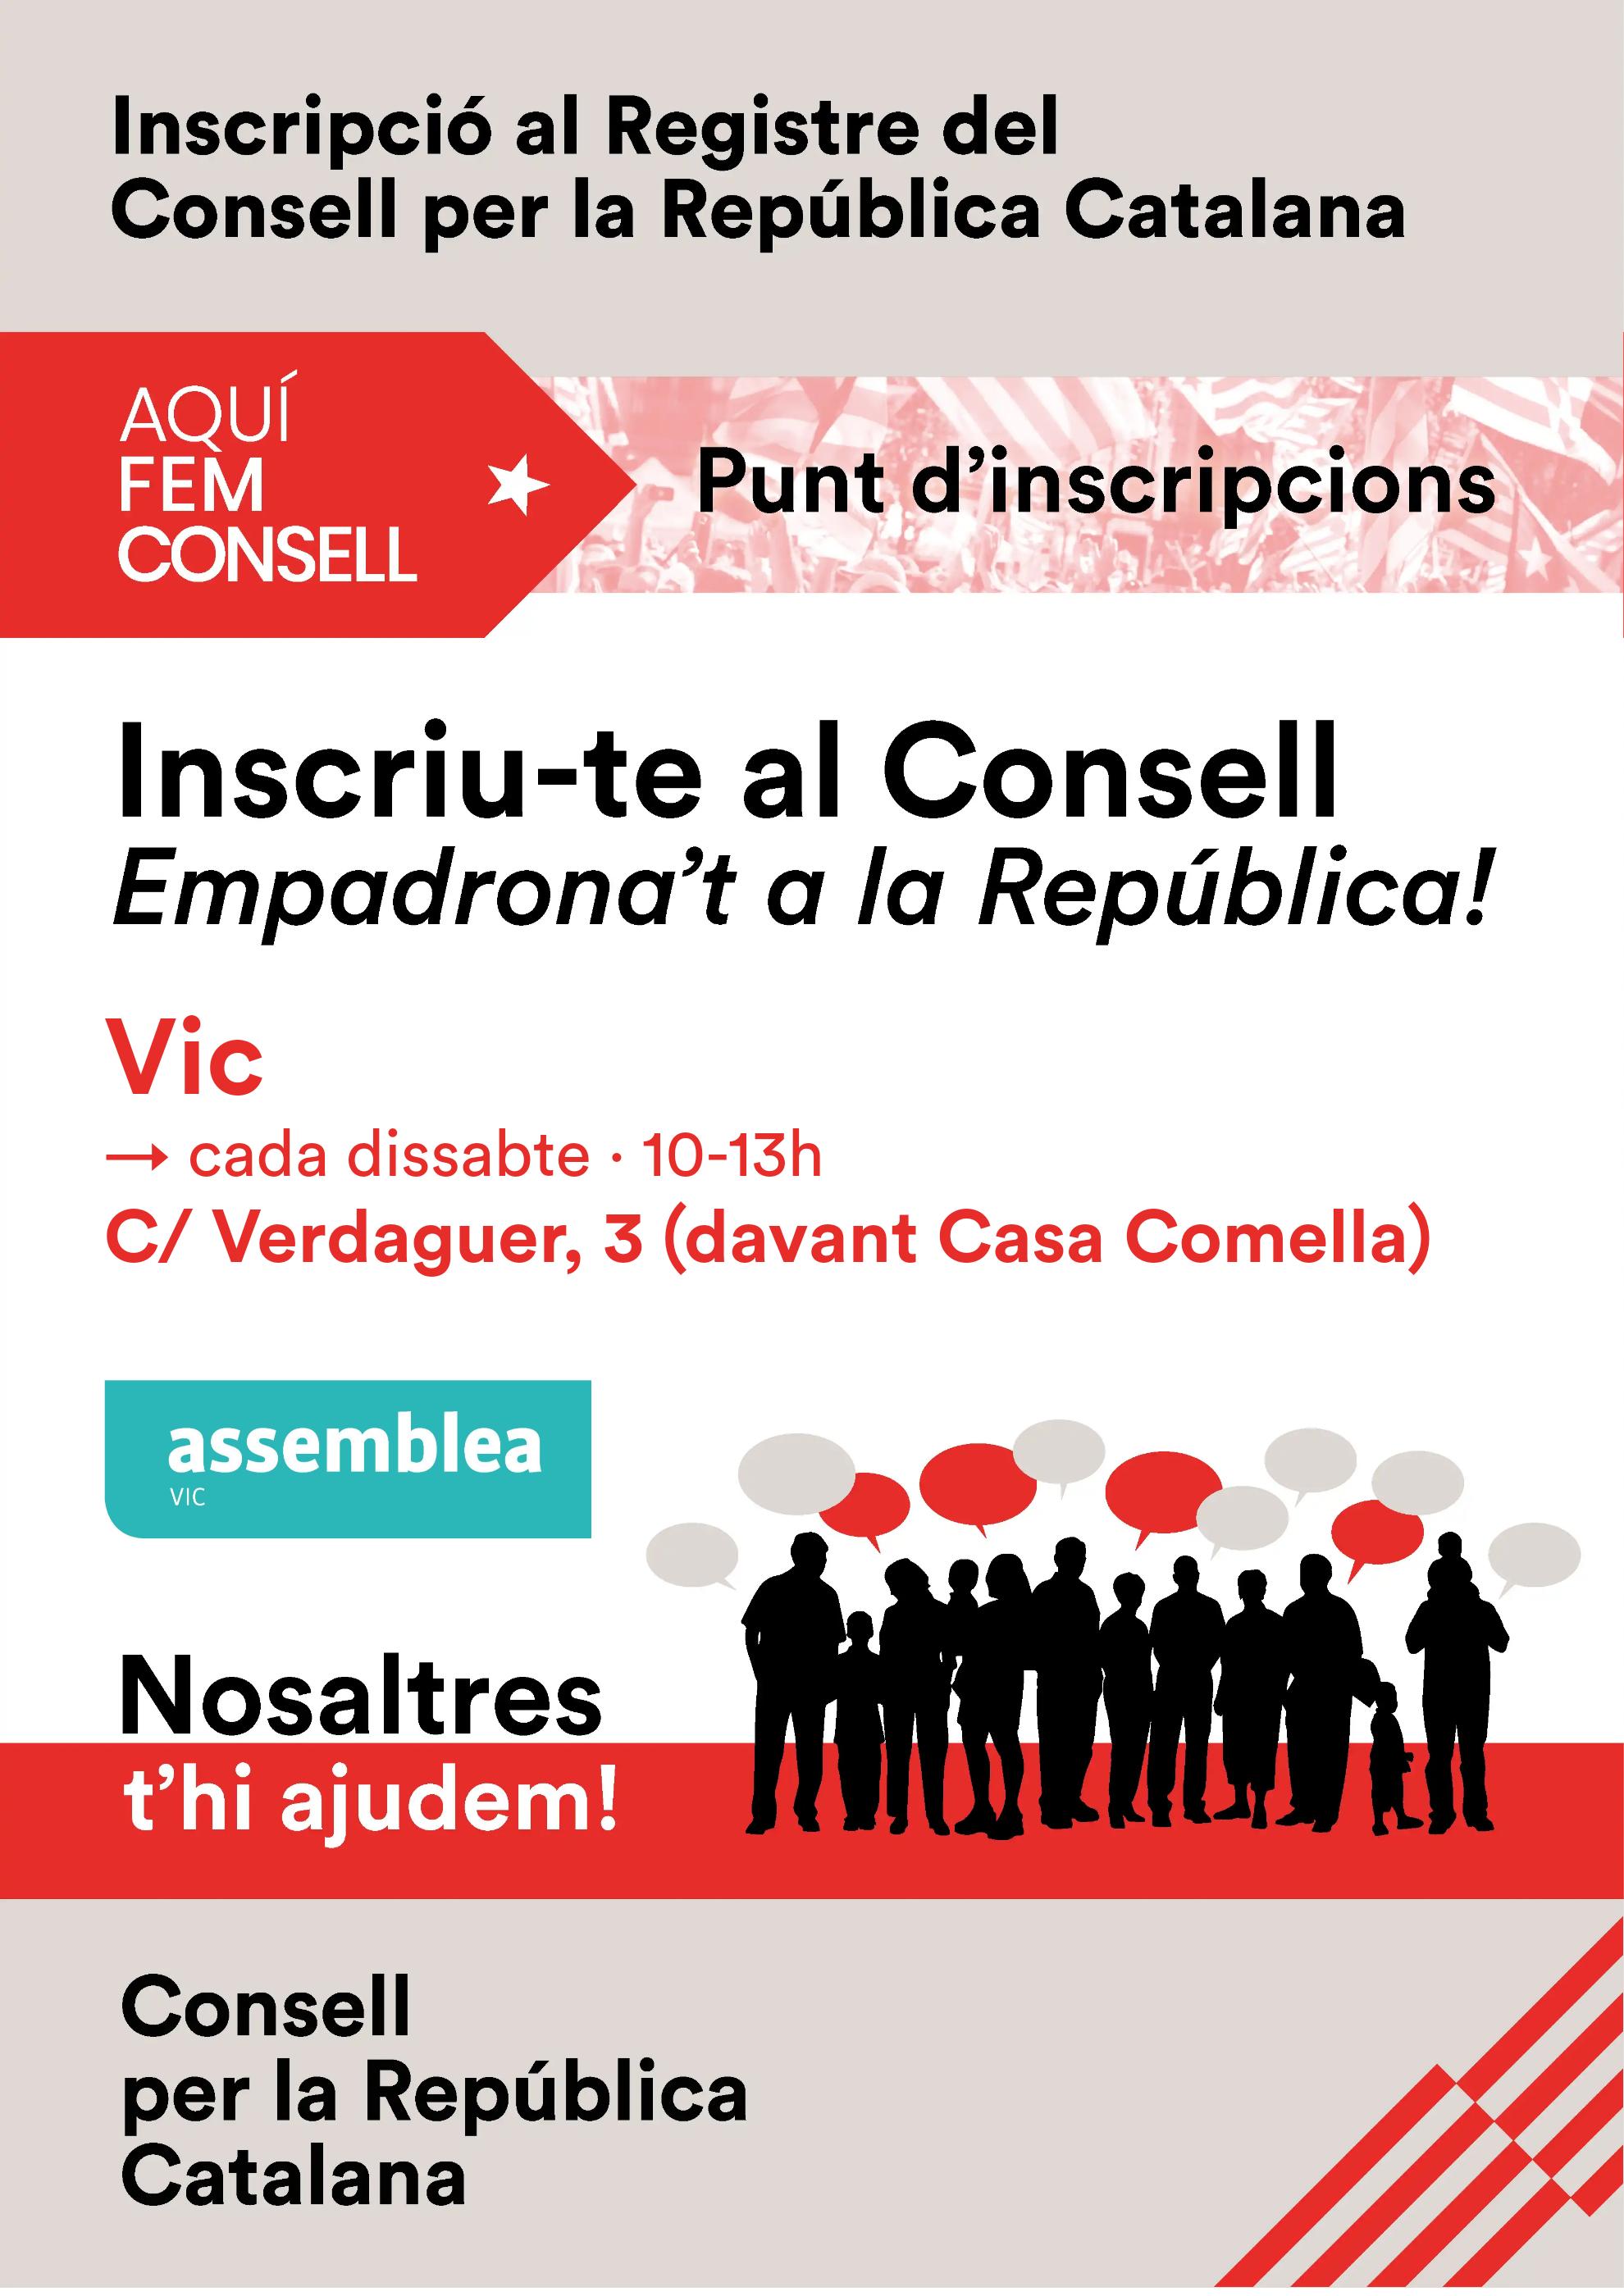 Inscripció al Registre del Consell per la República Catalana